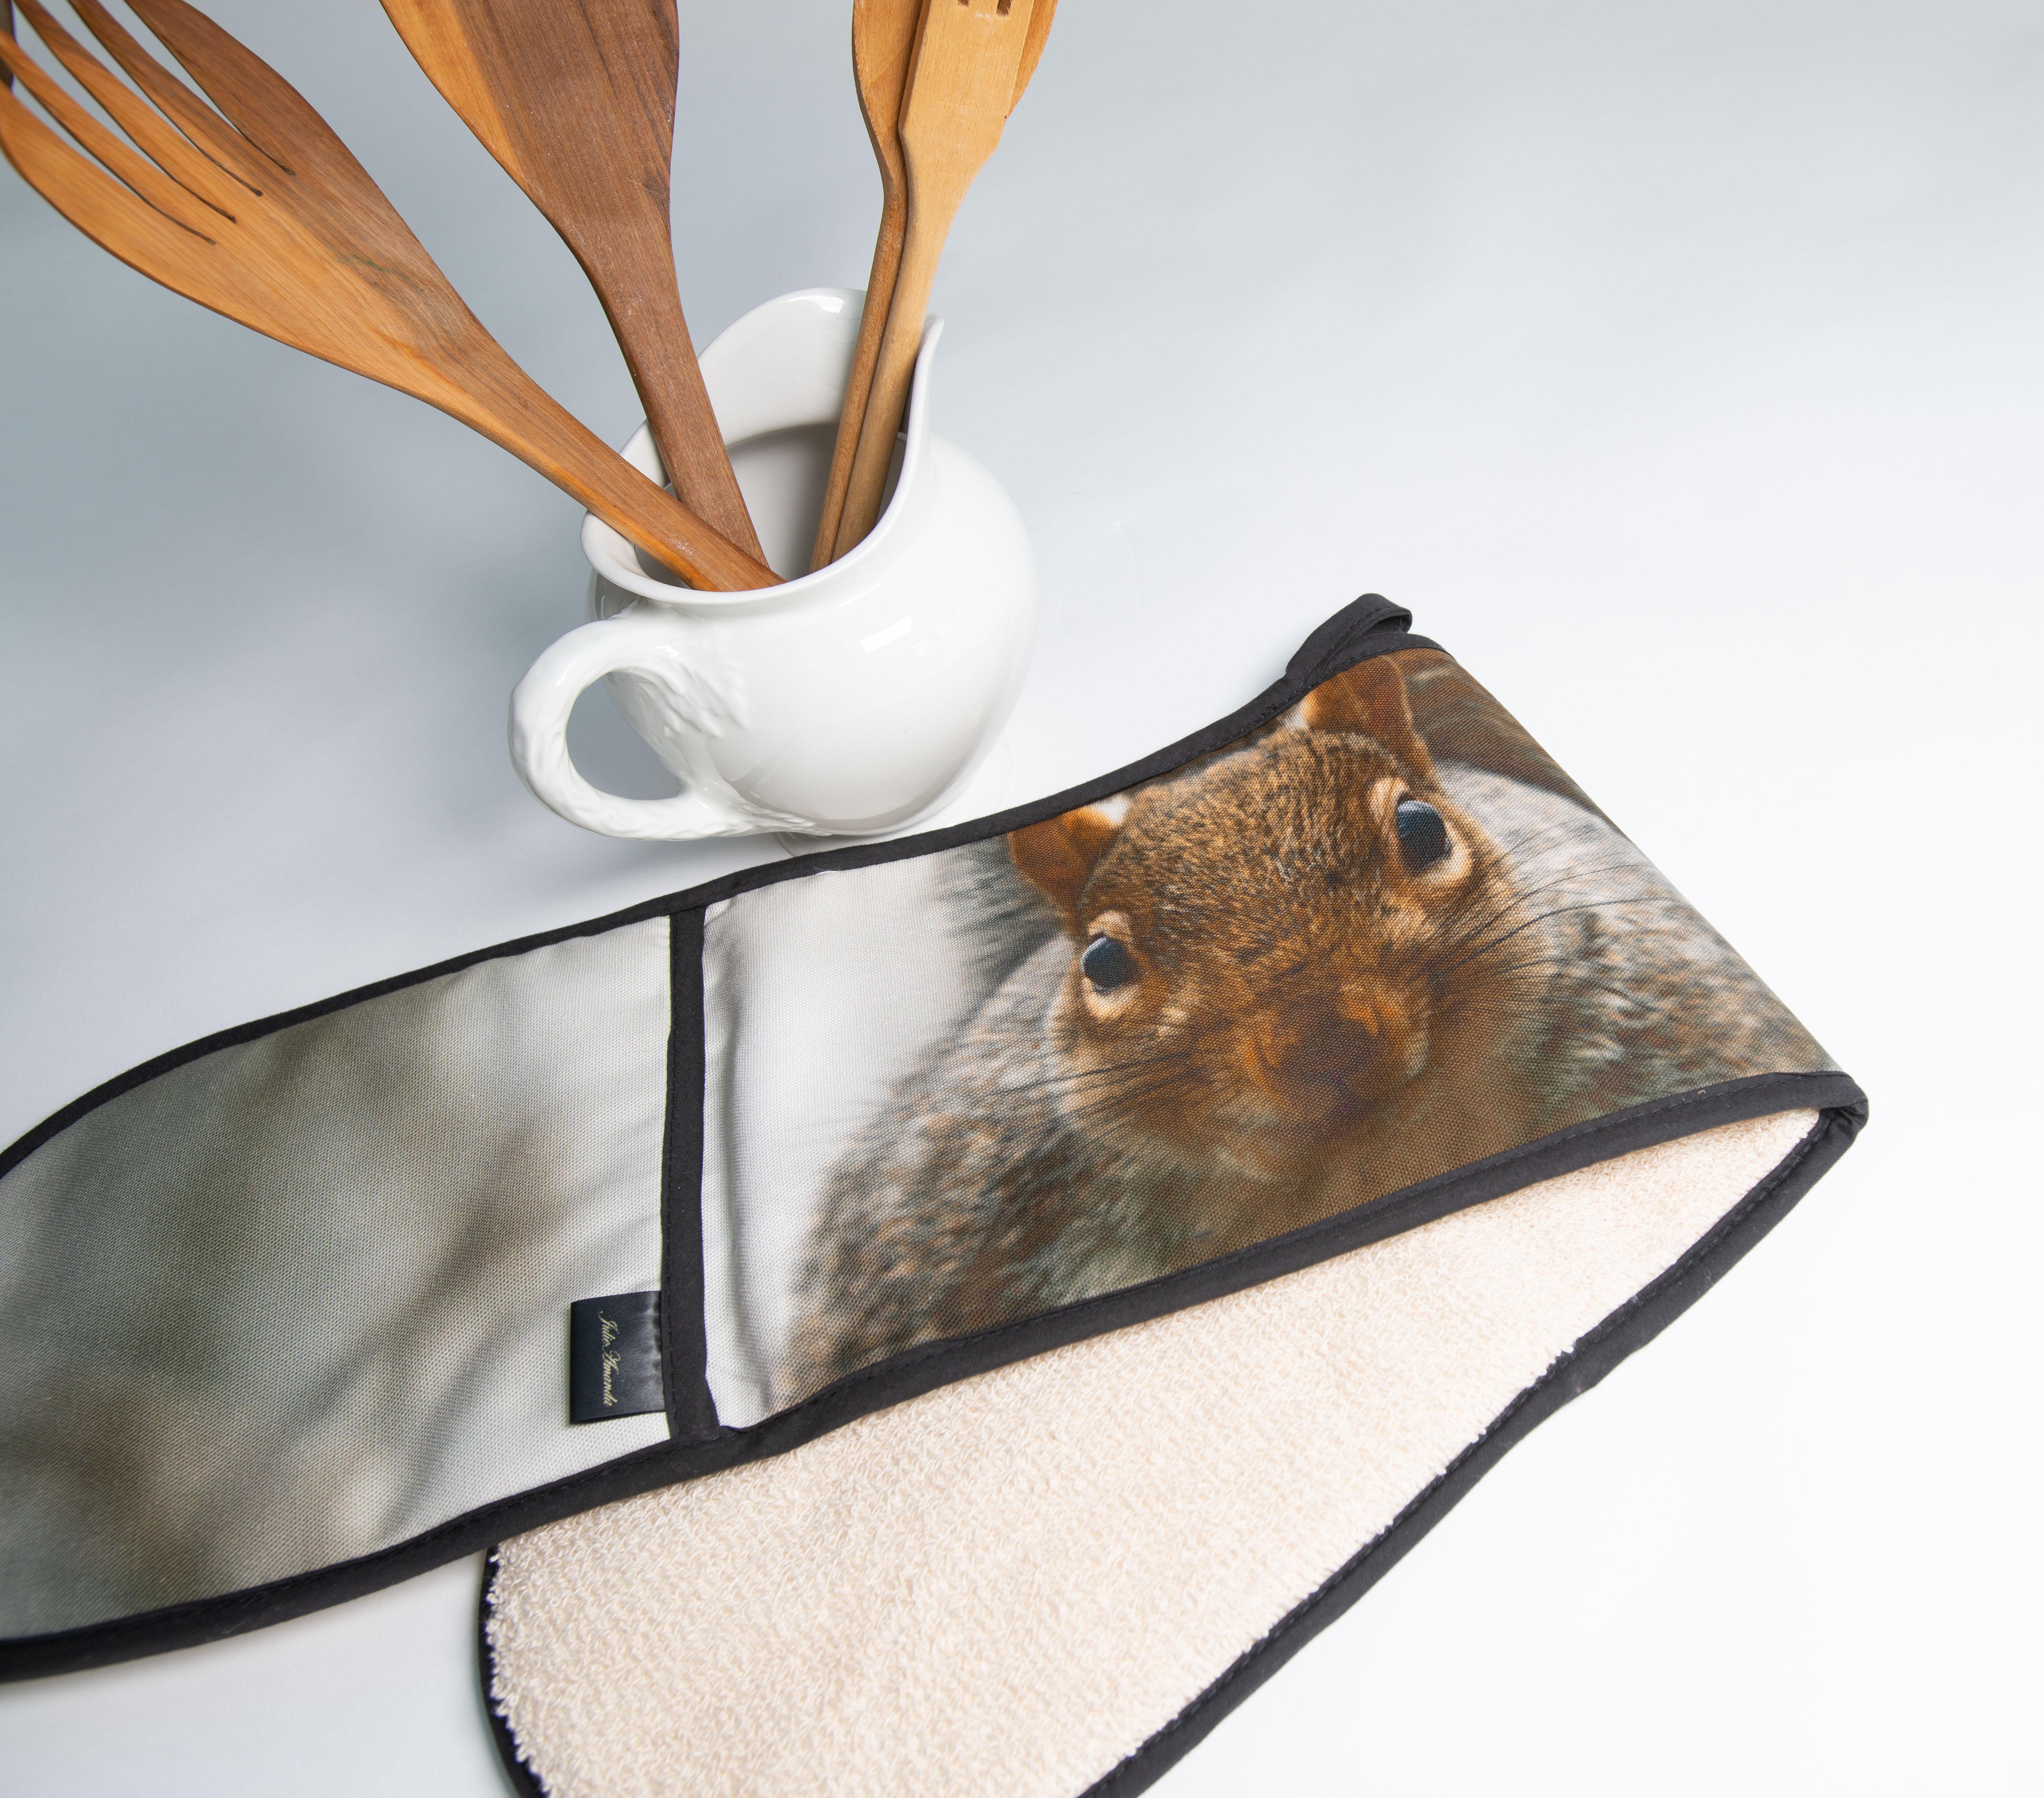 Squirrel Oven Glove